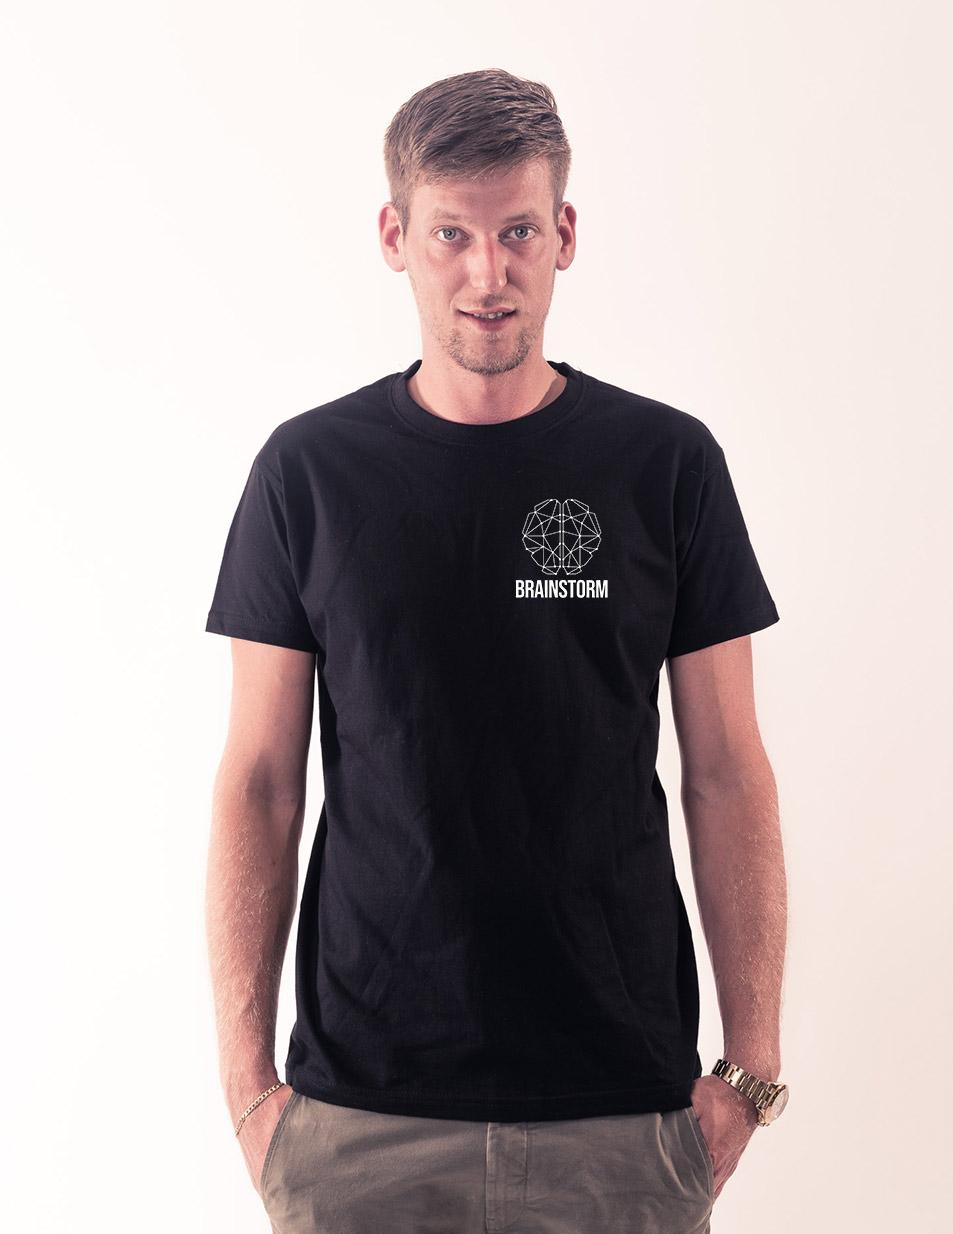 Brainstorm T-Shirt weiß auf schwarz